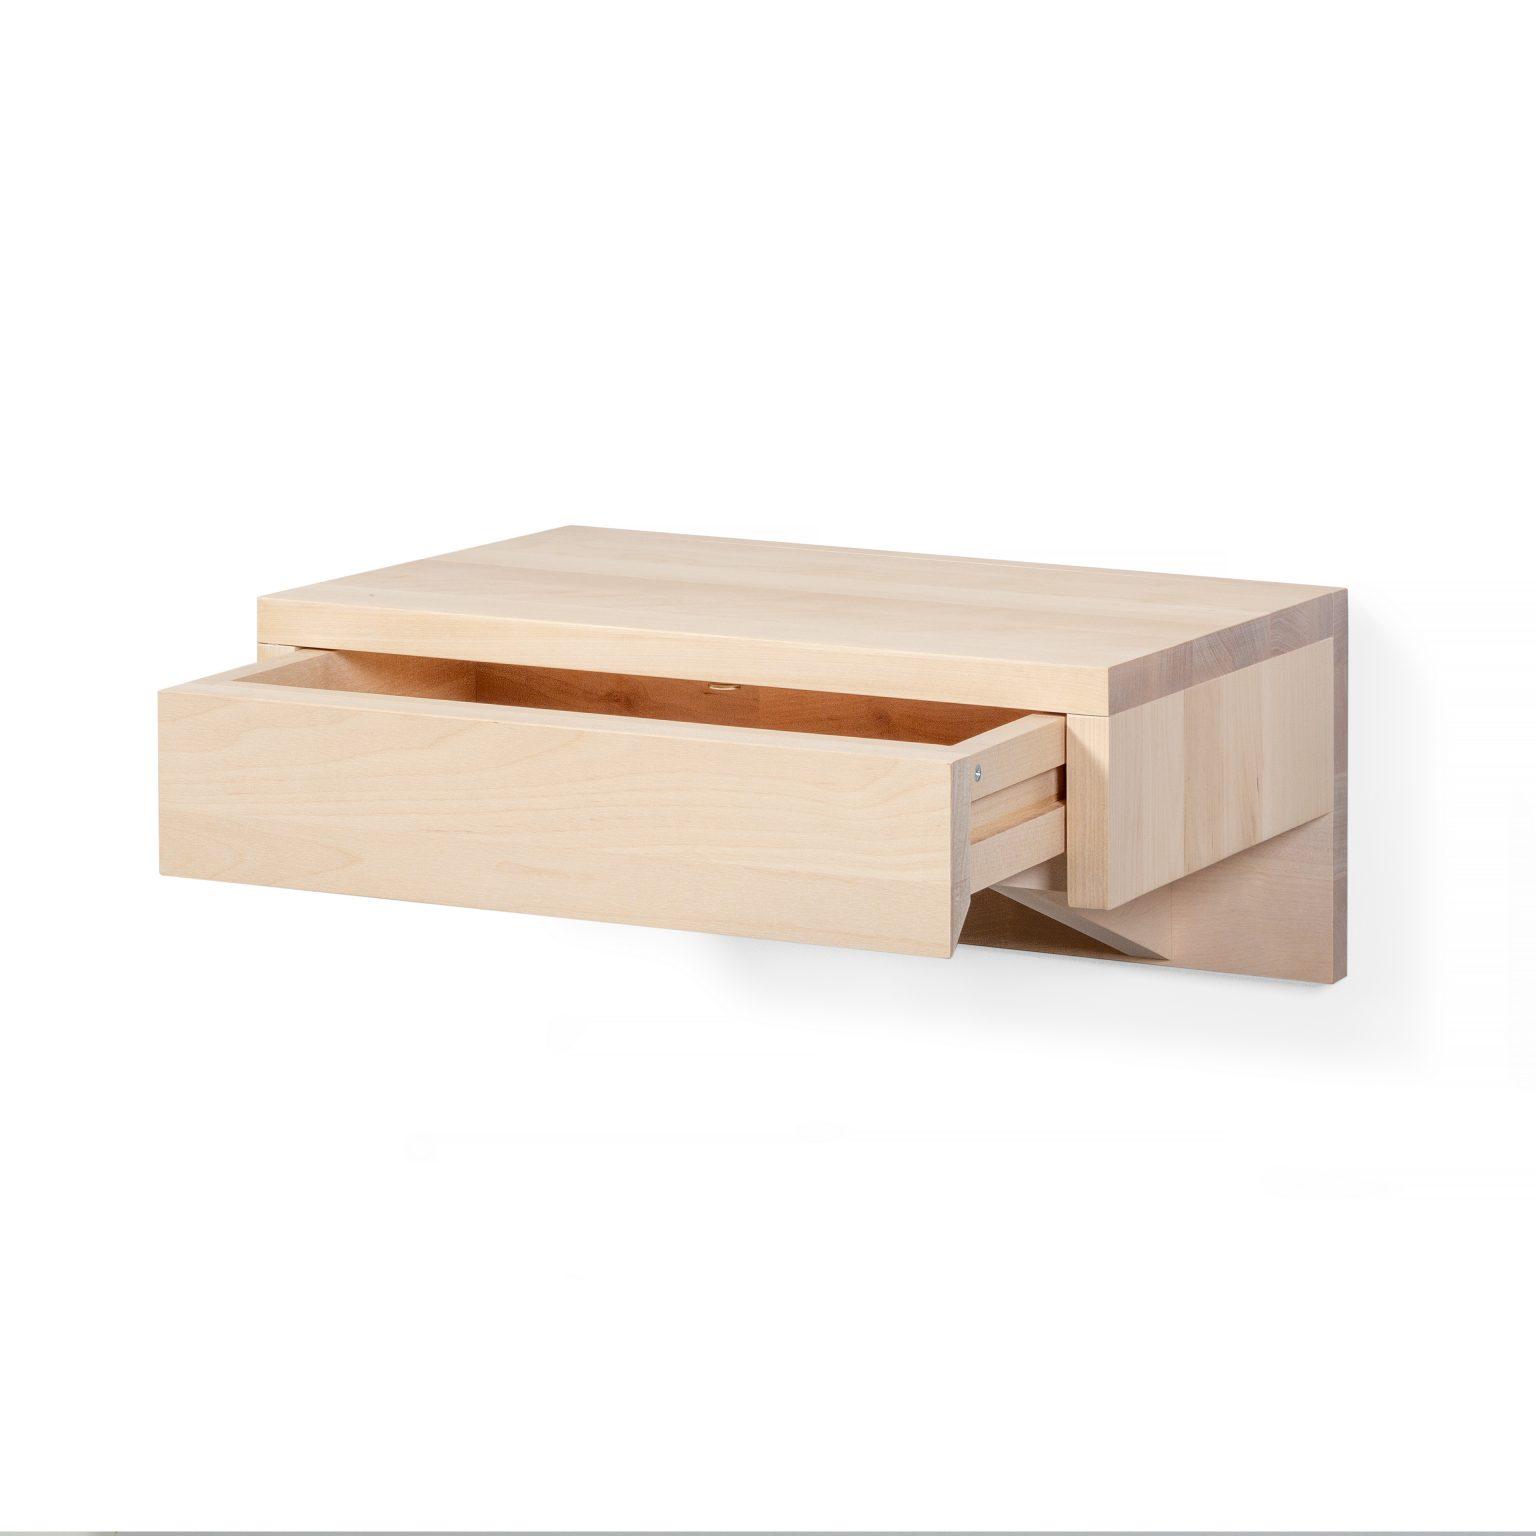 box set with wheels, laatikosto pyörillä, wooden tray, puinen lokerikko, low box set, matala laatikosto, desk drawer set, työpöydän laatikosto, drawer set on the table, laatikosto pöydälle, drawer set under the desk, laatikosto työpöydän alle, drawer unit for the bathroom, laatikosto kylpyhuoneeseen, drawer set under the table, laatikosto pöydän alle, box set for the hallway, laatikosto eteiseen, box set in front of the heater, laatikosto patterin eteen, box set on the wall, laatikosto seinälle, drawer depth 30 cm, laatikosto syvyys 30 cm, bedside table, nightstand, yöpöyta,